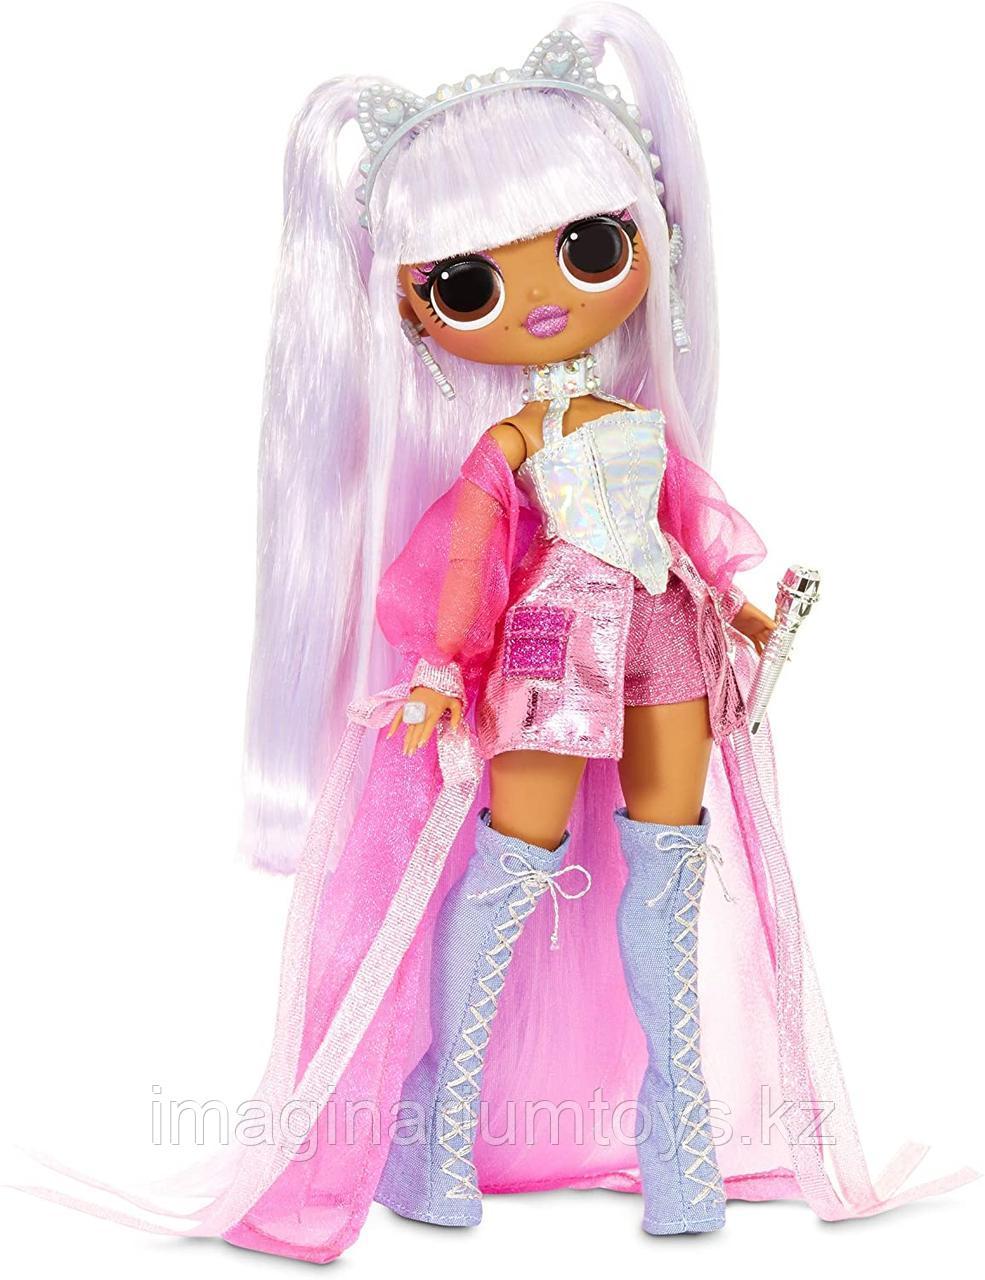 Большая кукла LOL OMG Remix музыкальная ЛОЛ Китти К